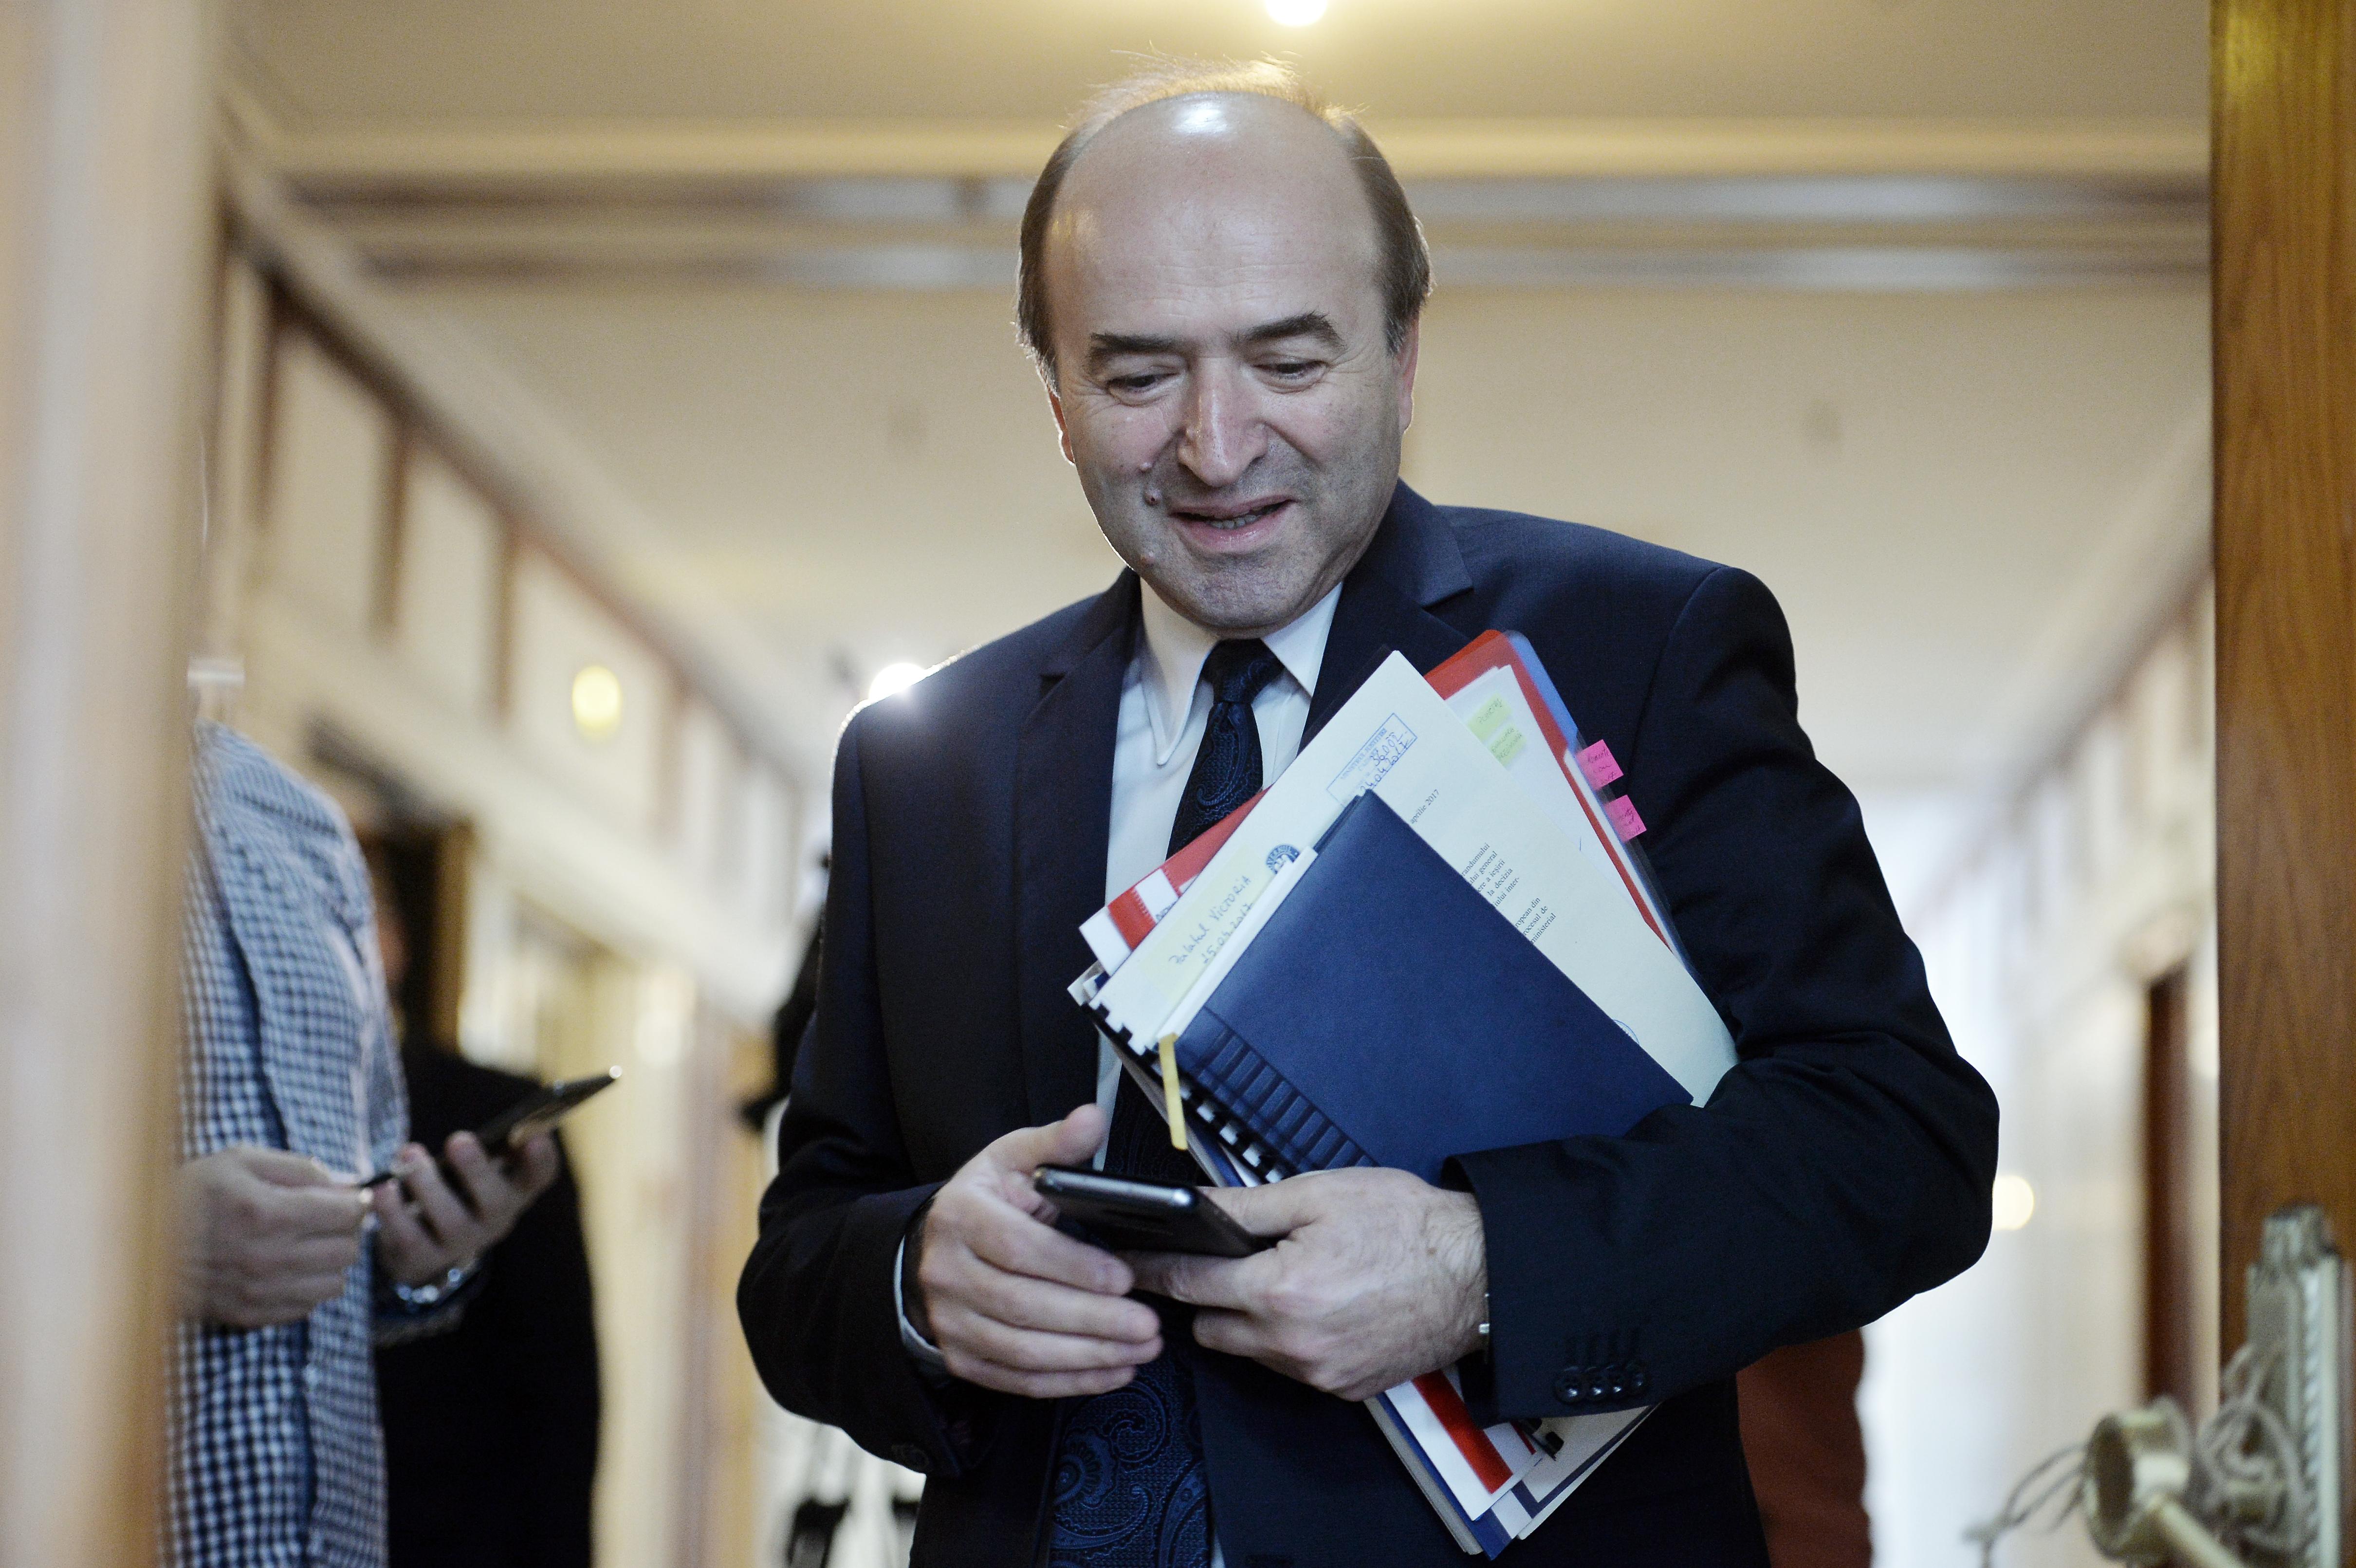 Surse: Tudorel Toader a făcut schimbări de directori în Ministerul Justiţiei înainte de demisie